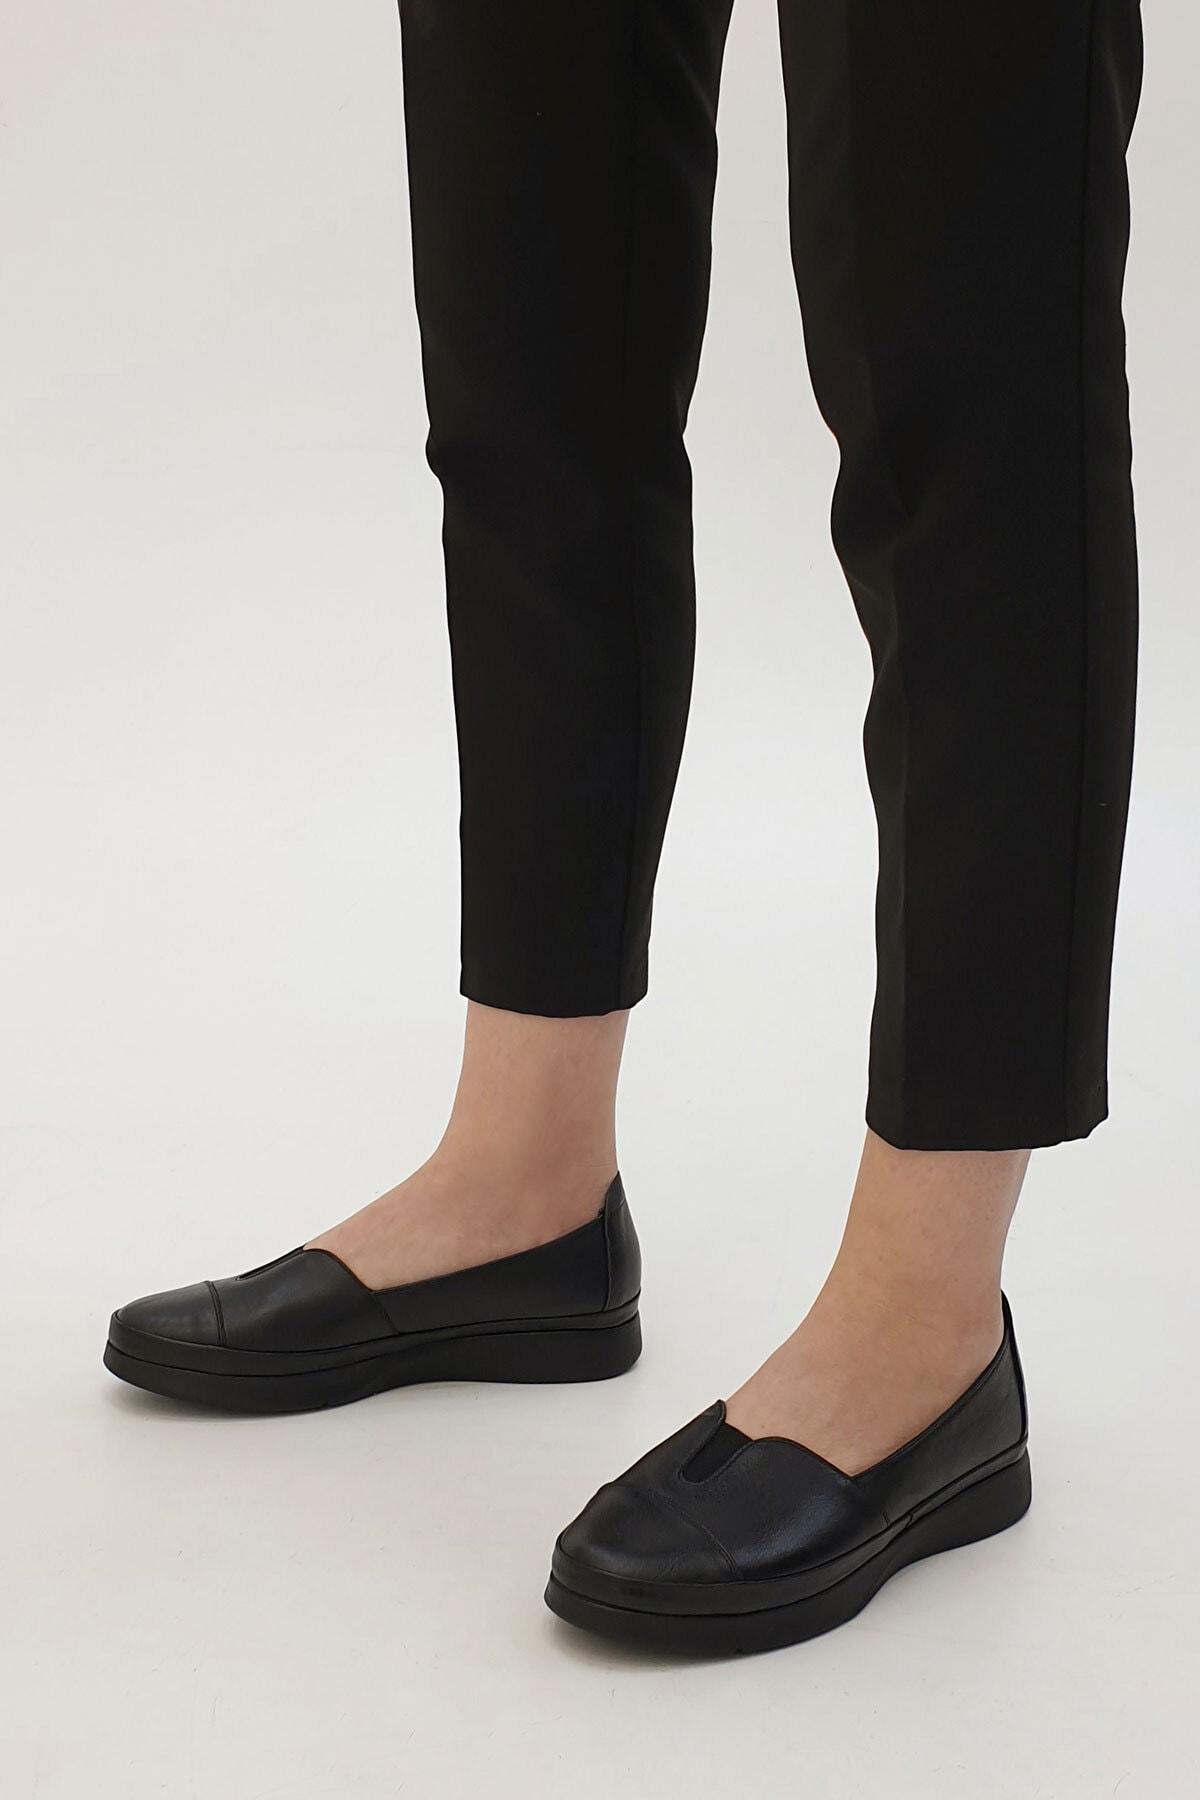 Marjin Kadın Siyah Hakiki Deri Comfort Ayakkabı Meyza 0